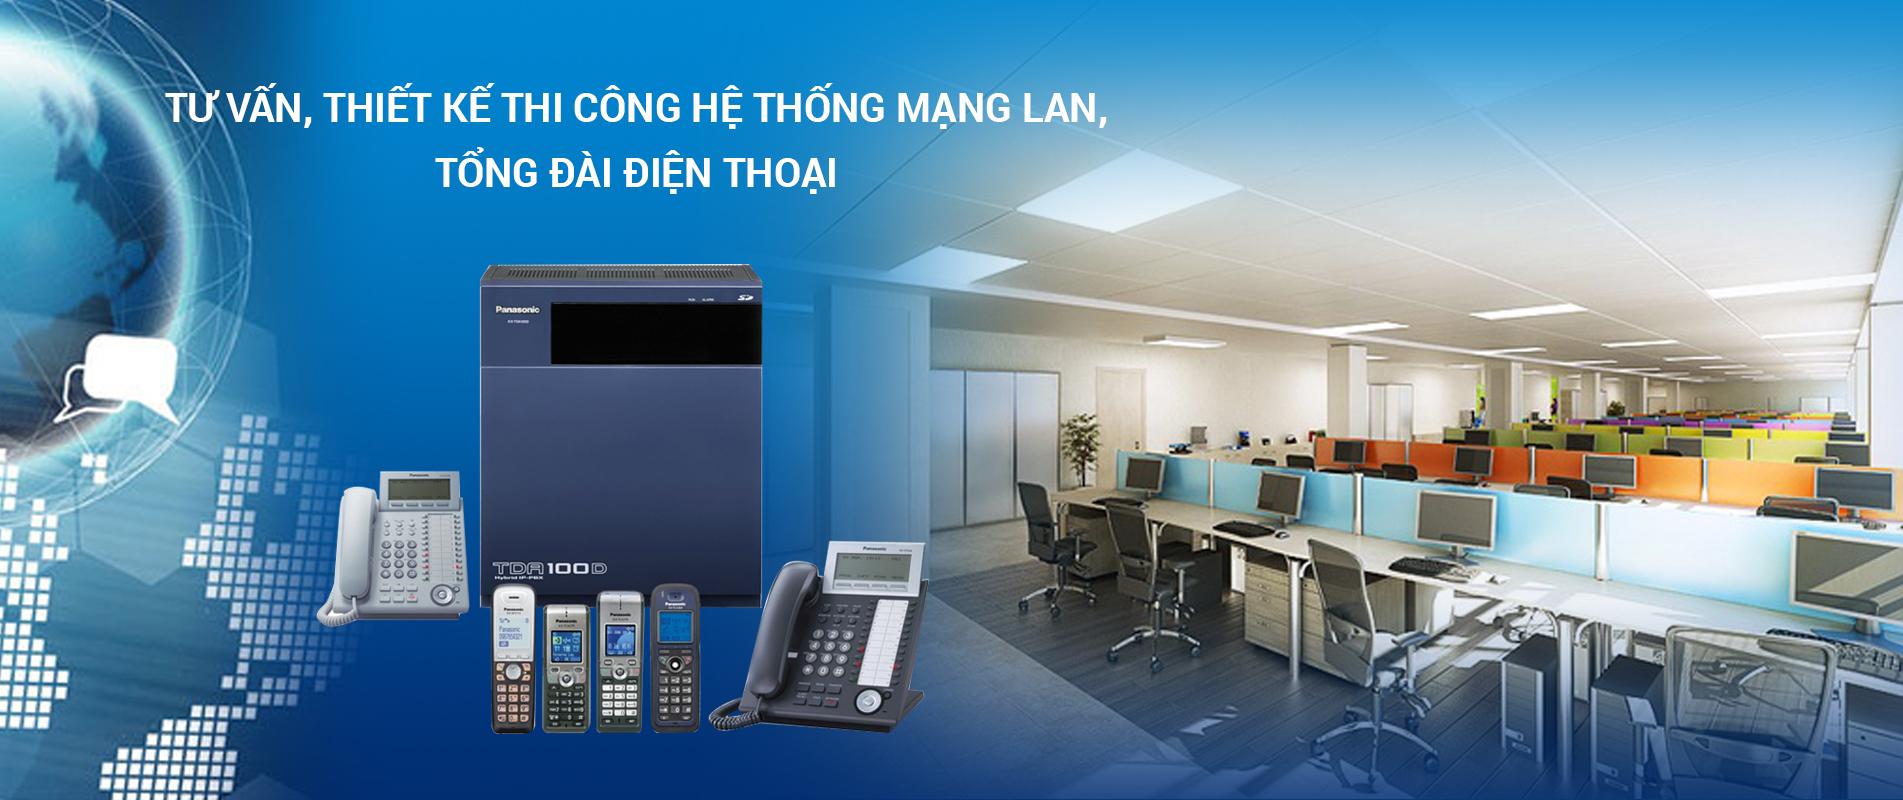 Thi công hệ thống điện nhẹ tại Hà Nội